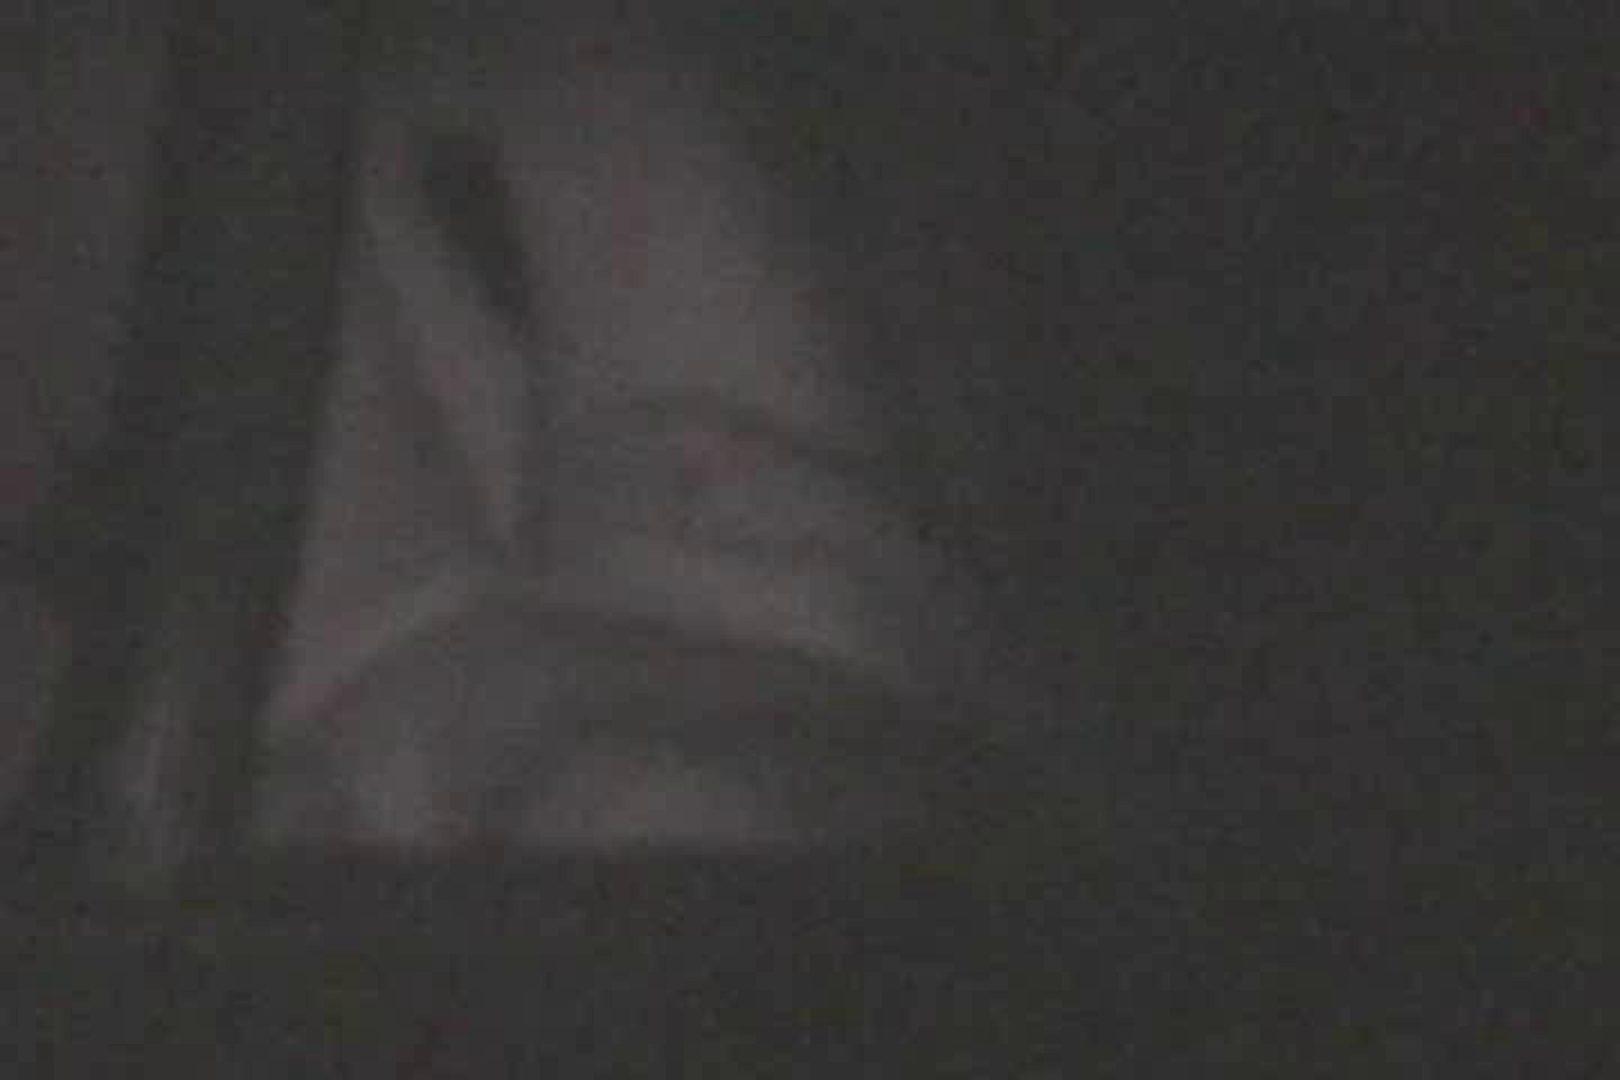 蔵出し!!赤外線カーセックスVol.25 エロいOL ぱこり動画紹介 109枚